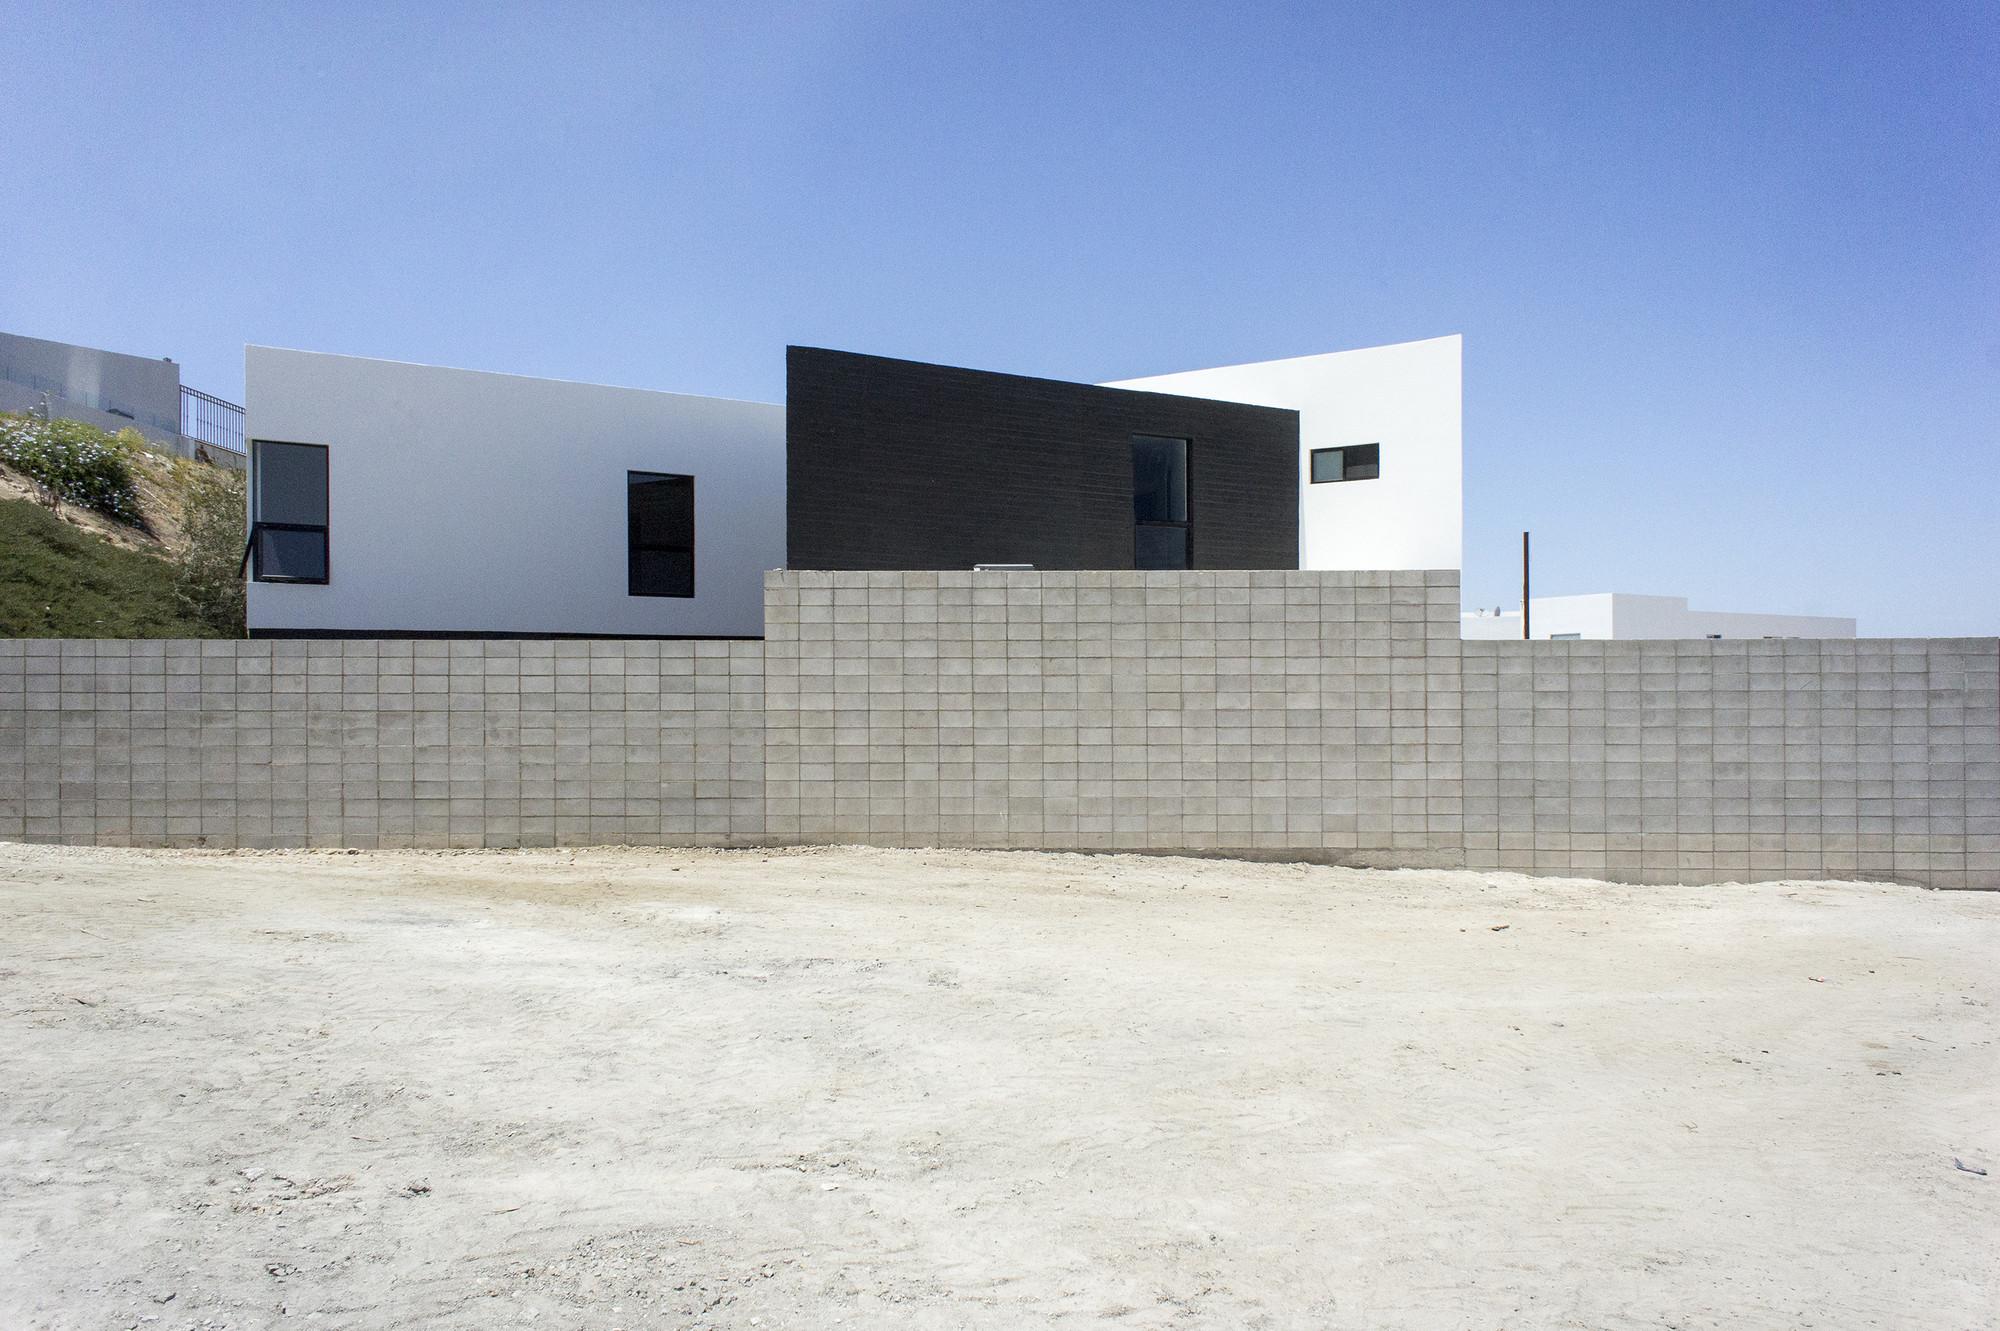 HDJ75 / T38 studio, © Alfredo Zertuche